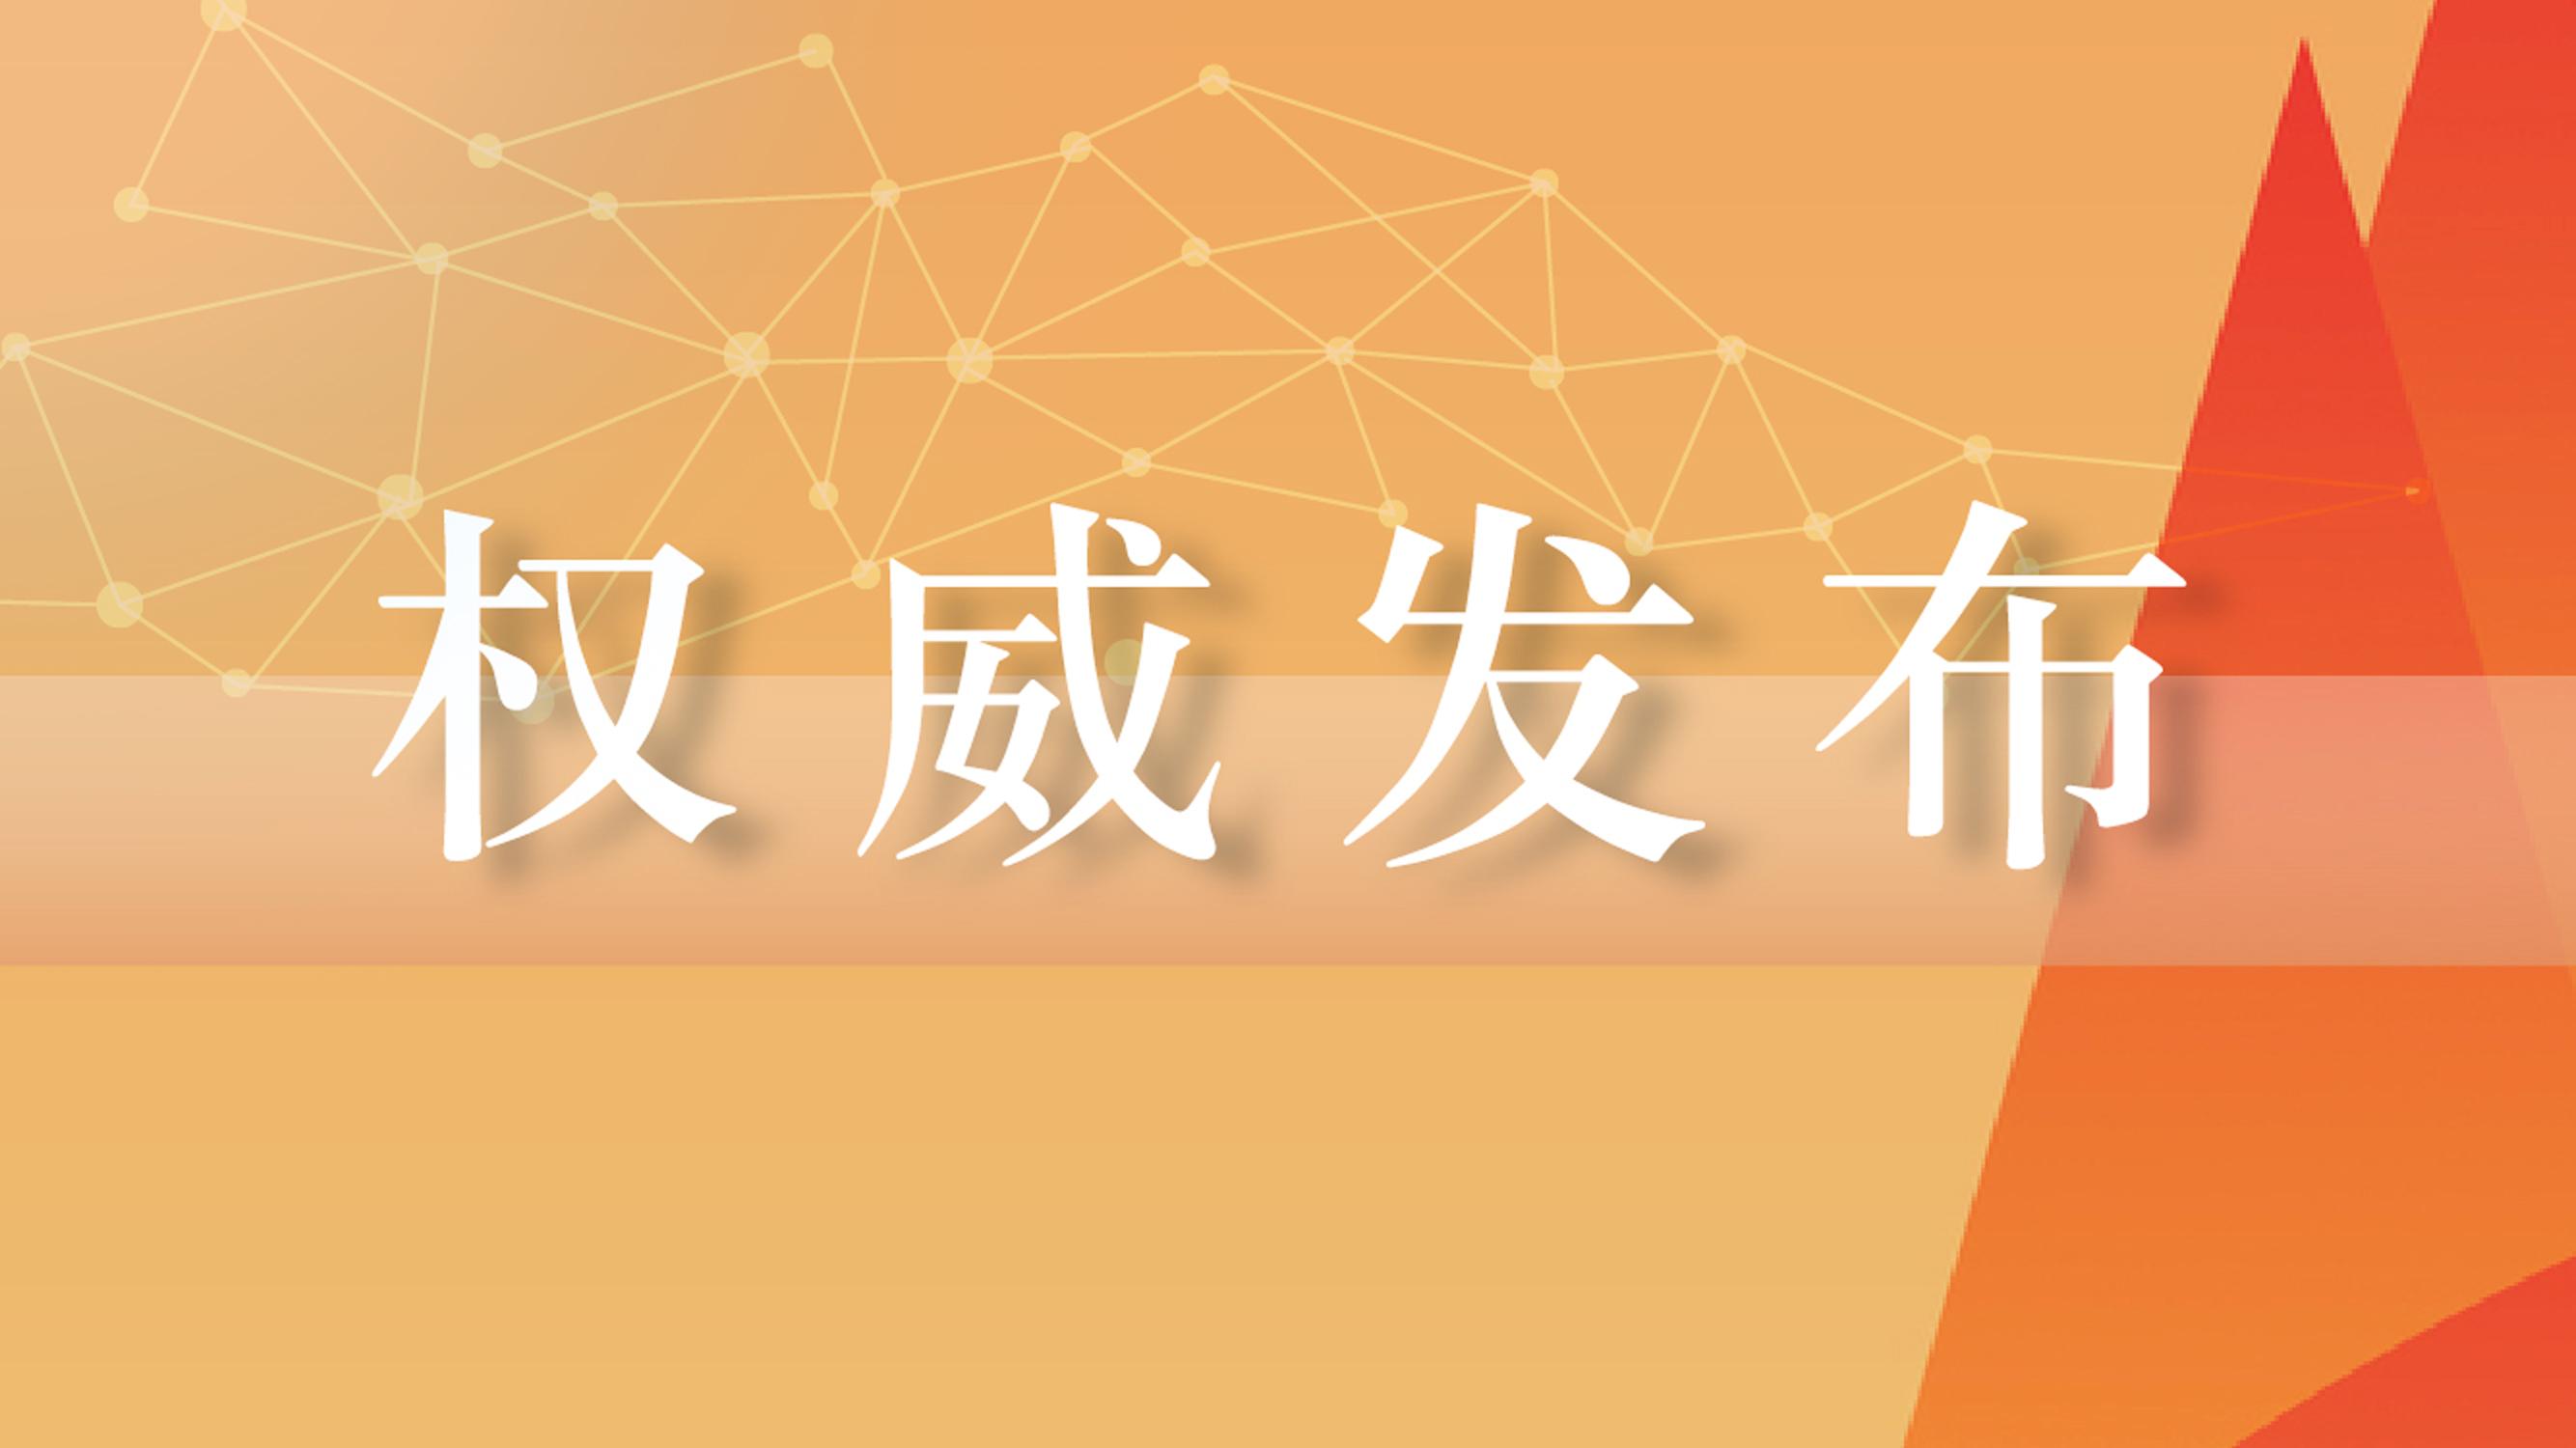 原四川博览事务局品牌推广中心主任秦勇 接受纪律审查和监察调查